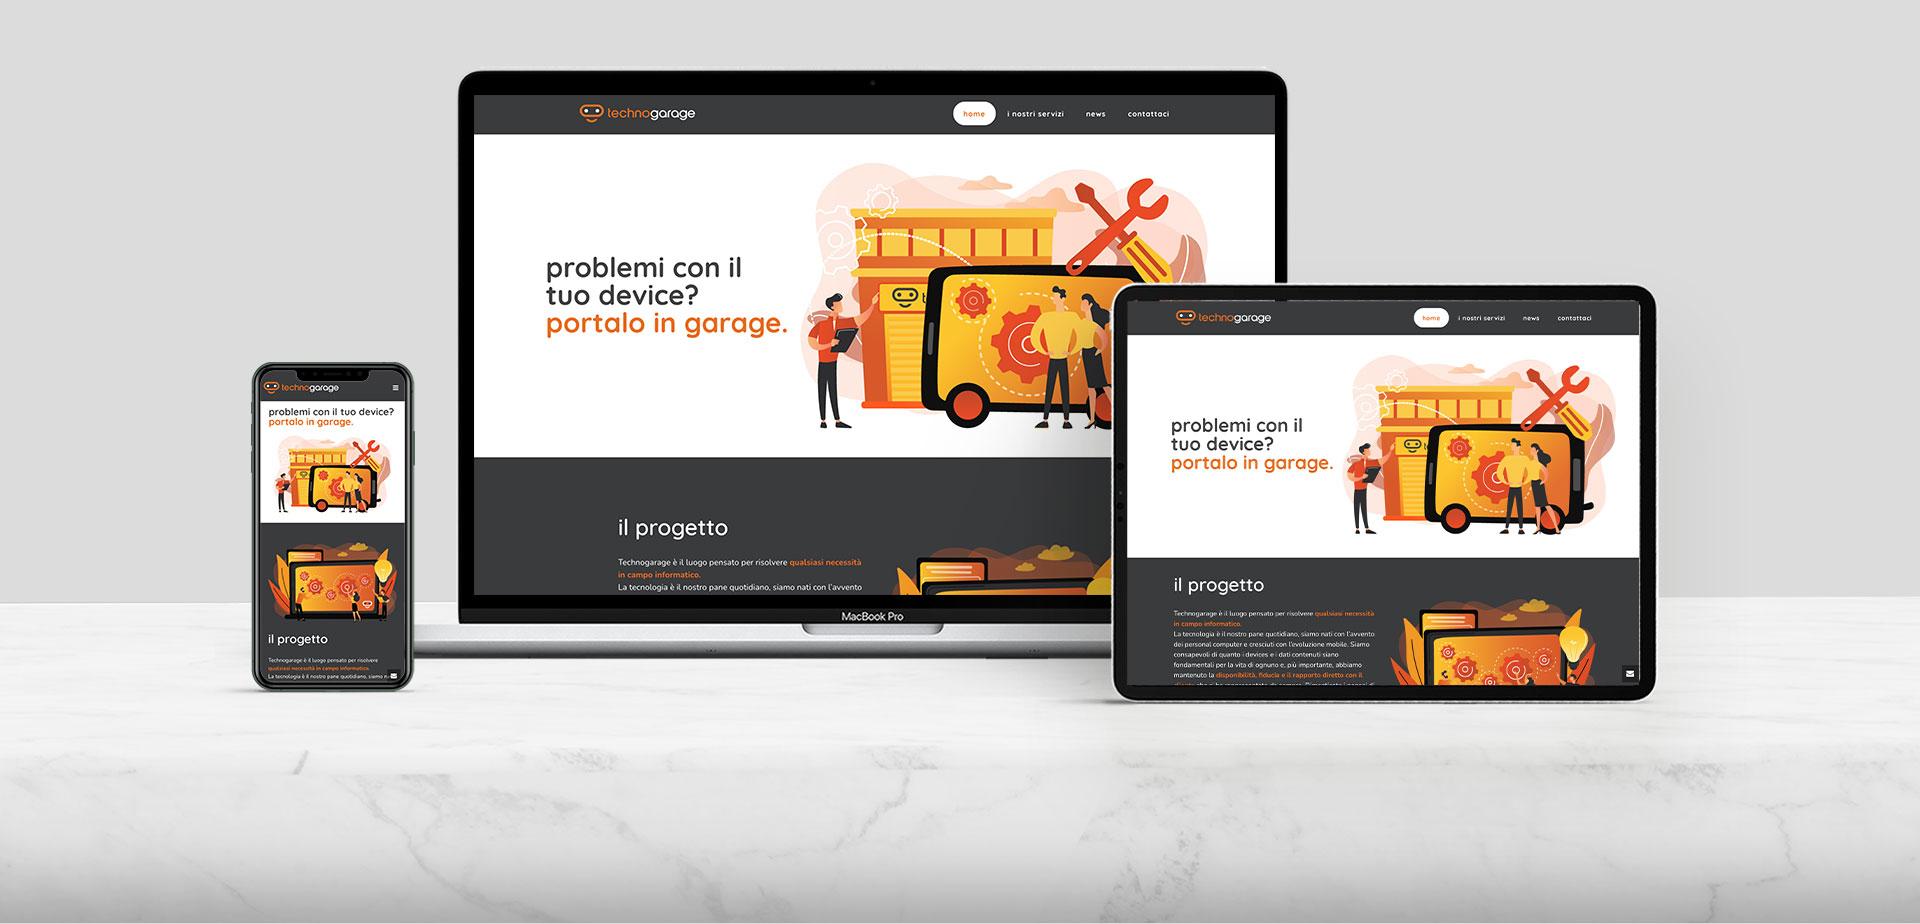 technogarage-zerouno-design-website1